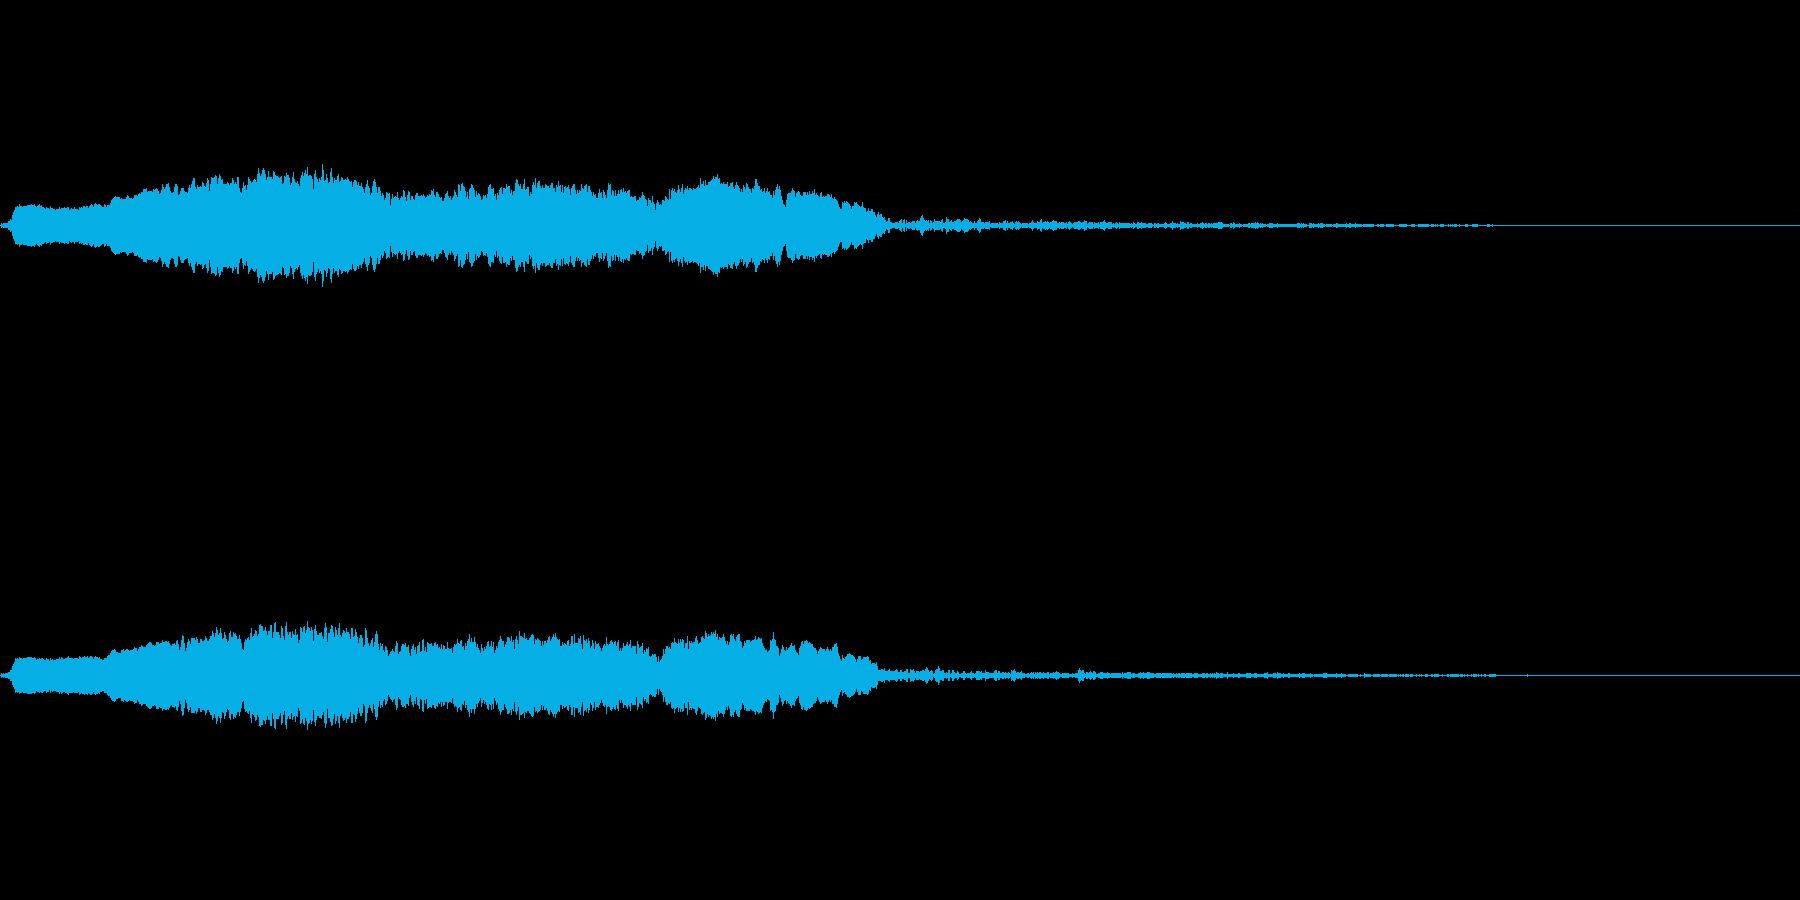 スライドホイッスル-5の再生済みの波形